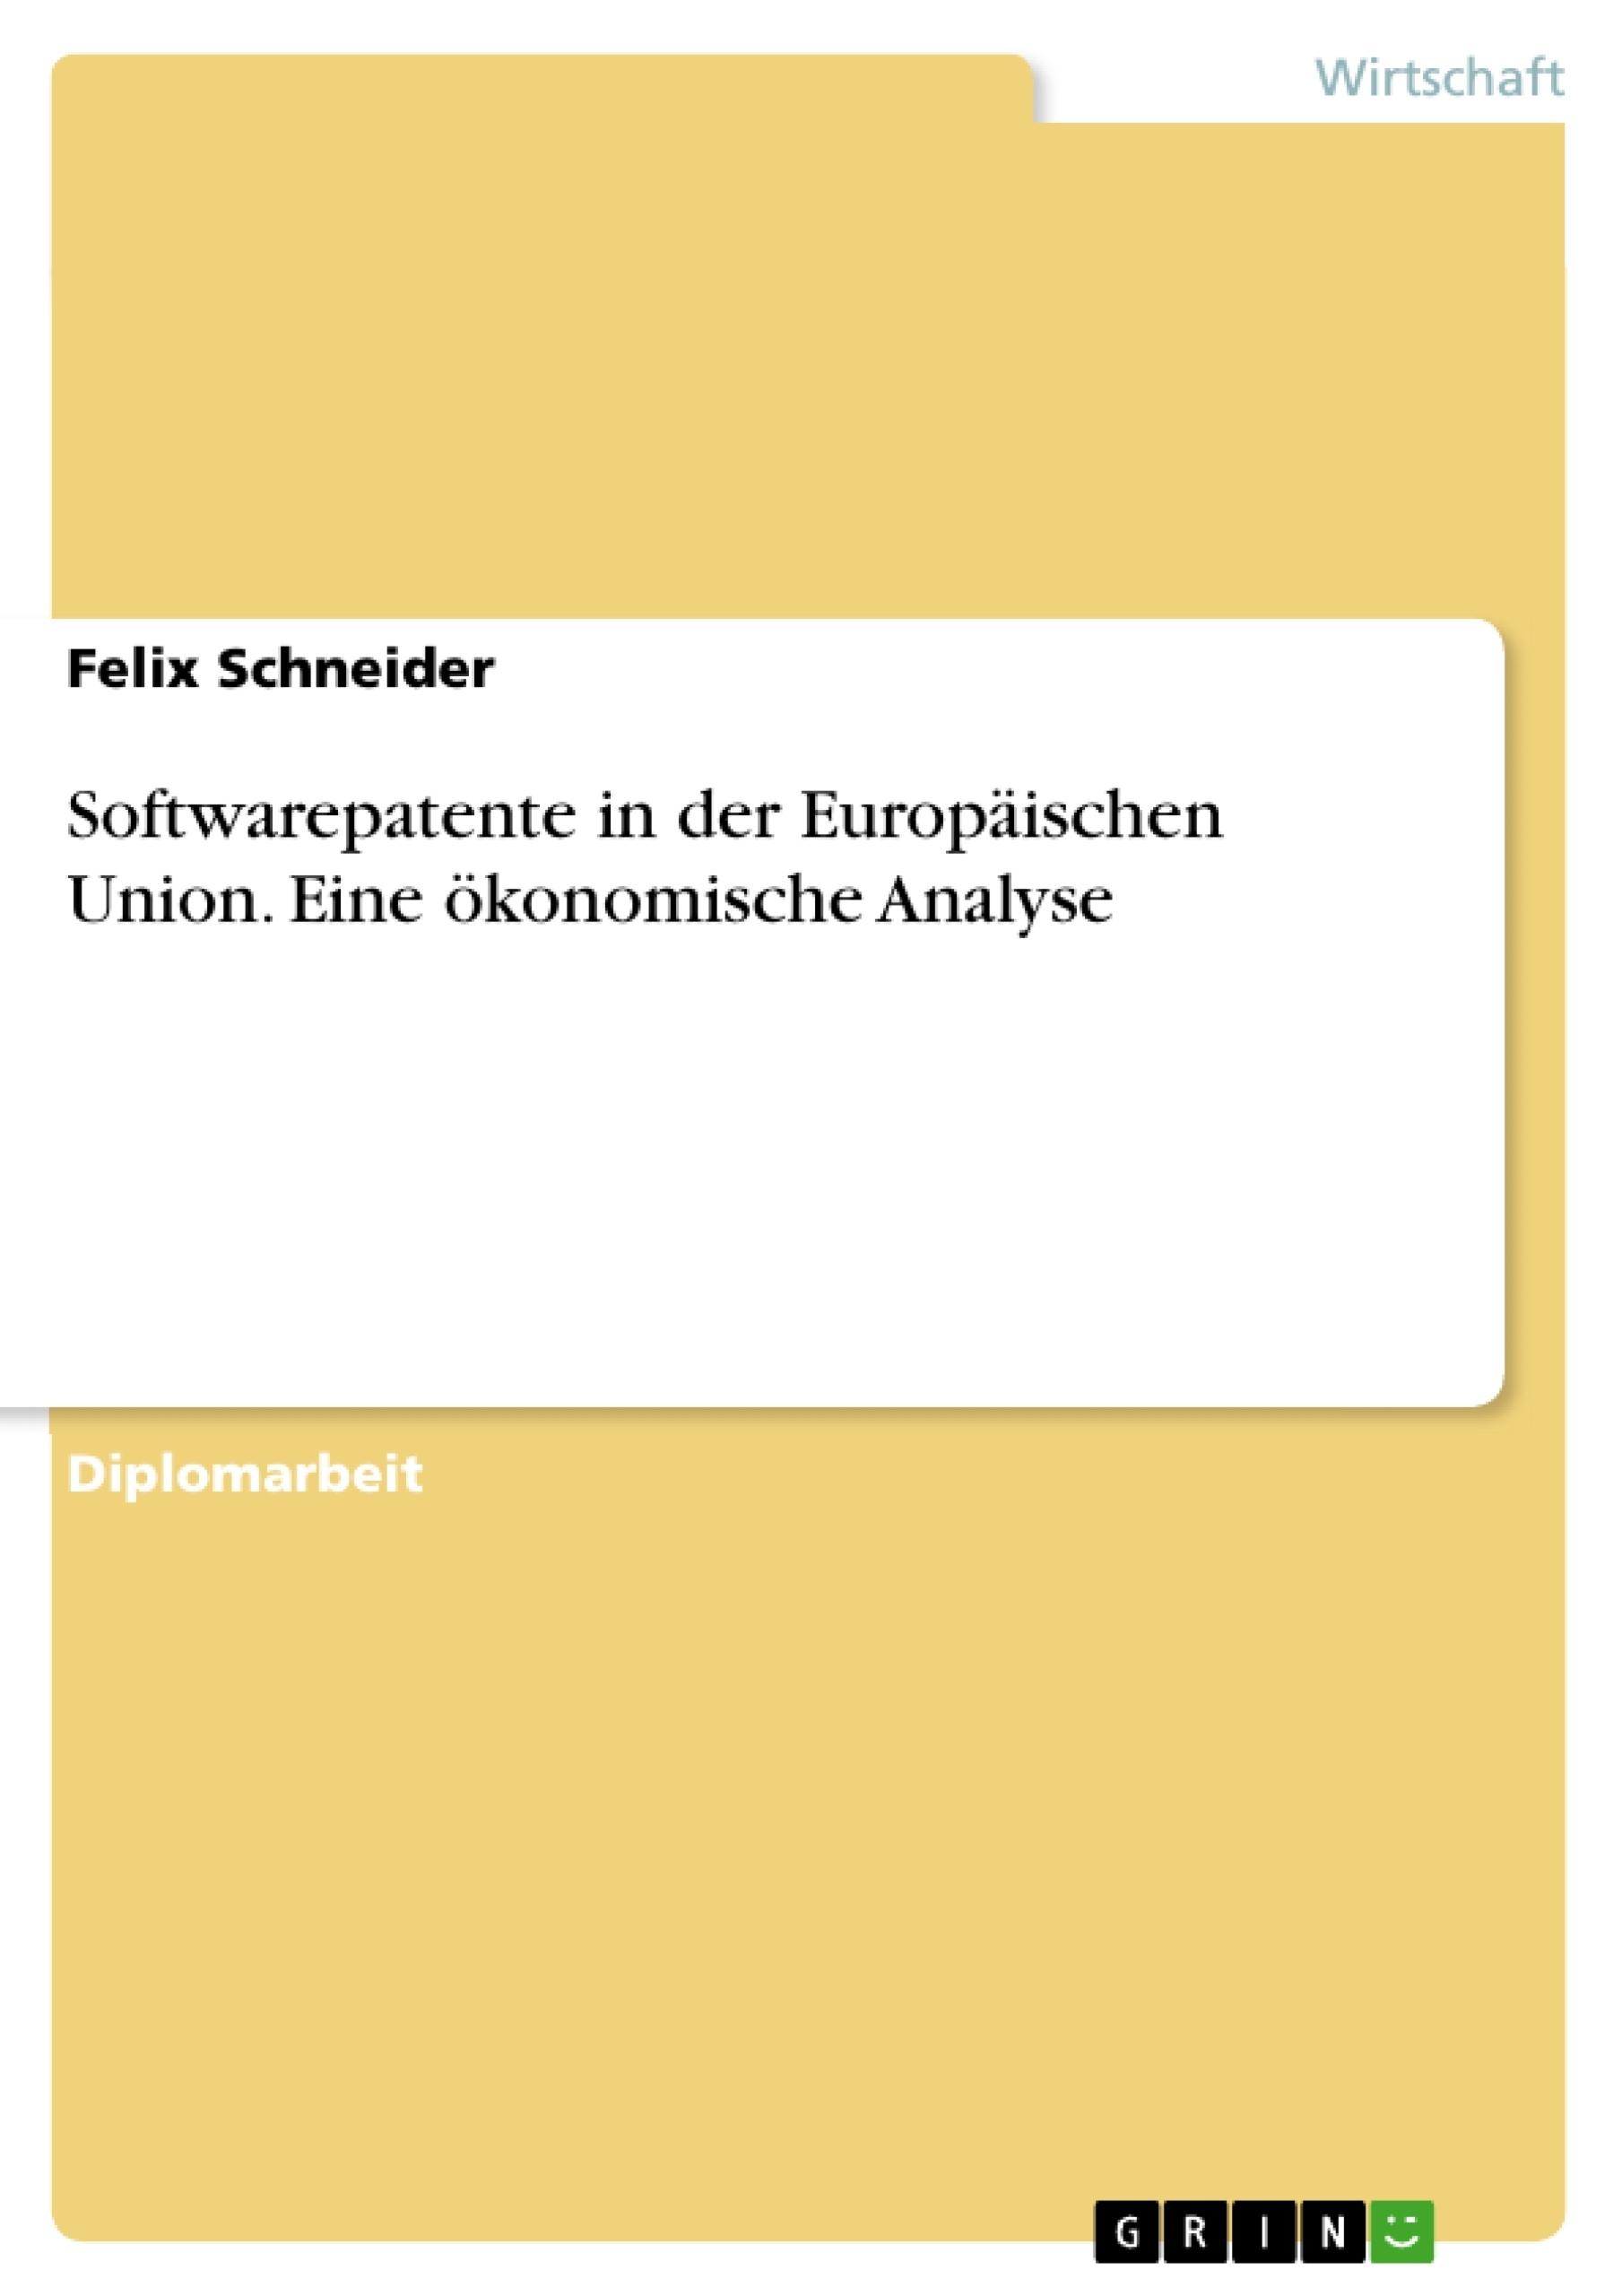 Titel: Softwarepatente in der Europäischen Union. Eine ökonomische Analyse